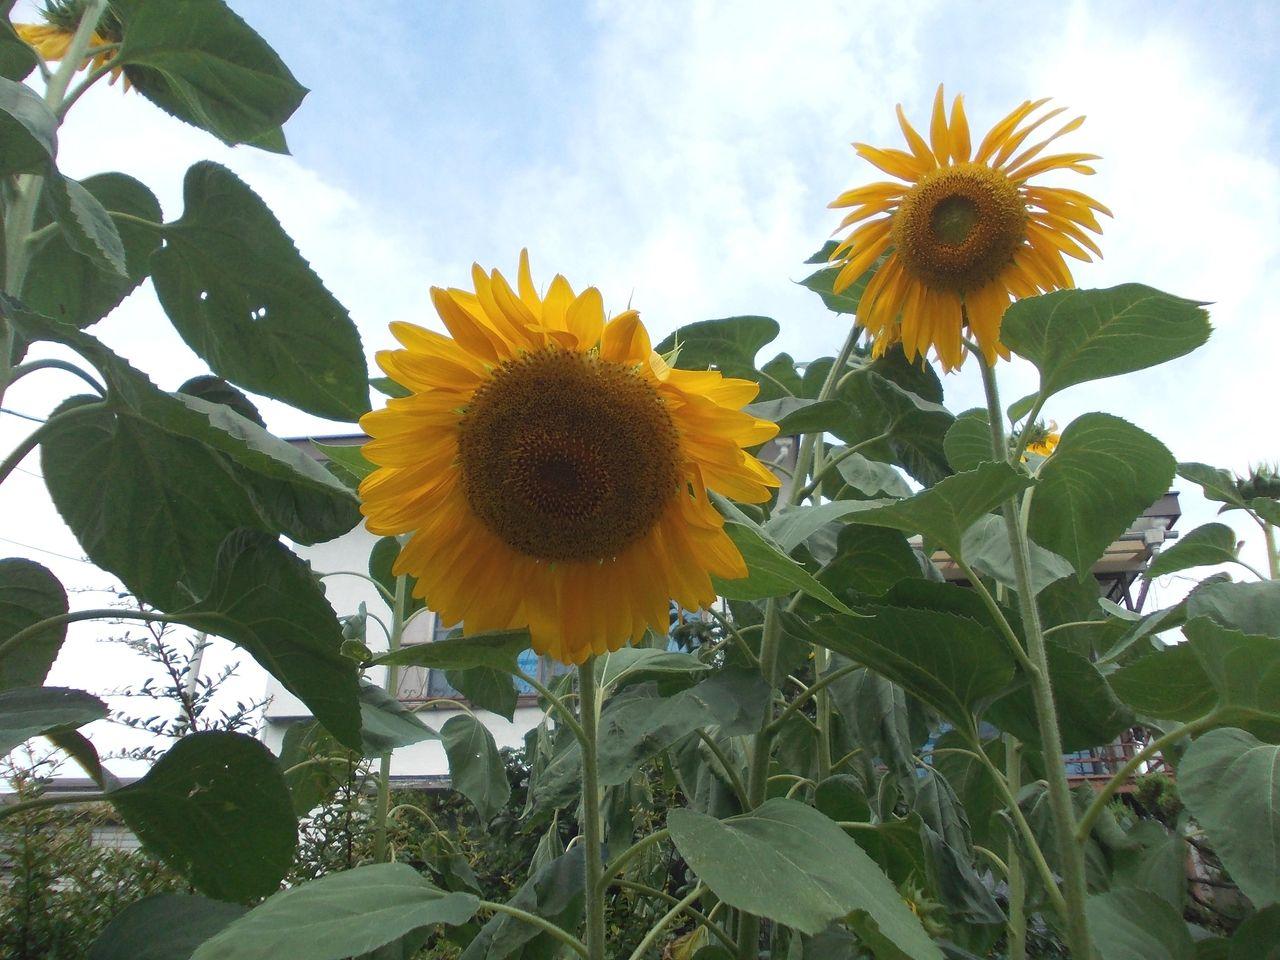 今年初の向日葵を世田谷上町で見かけました